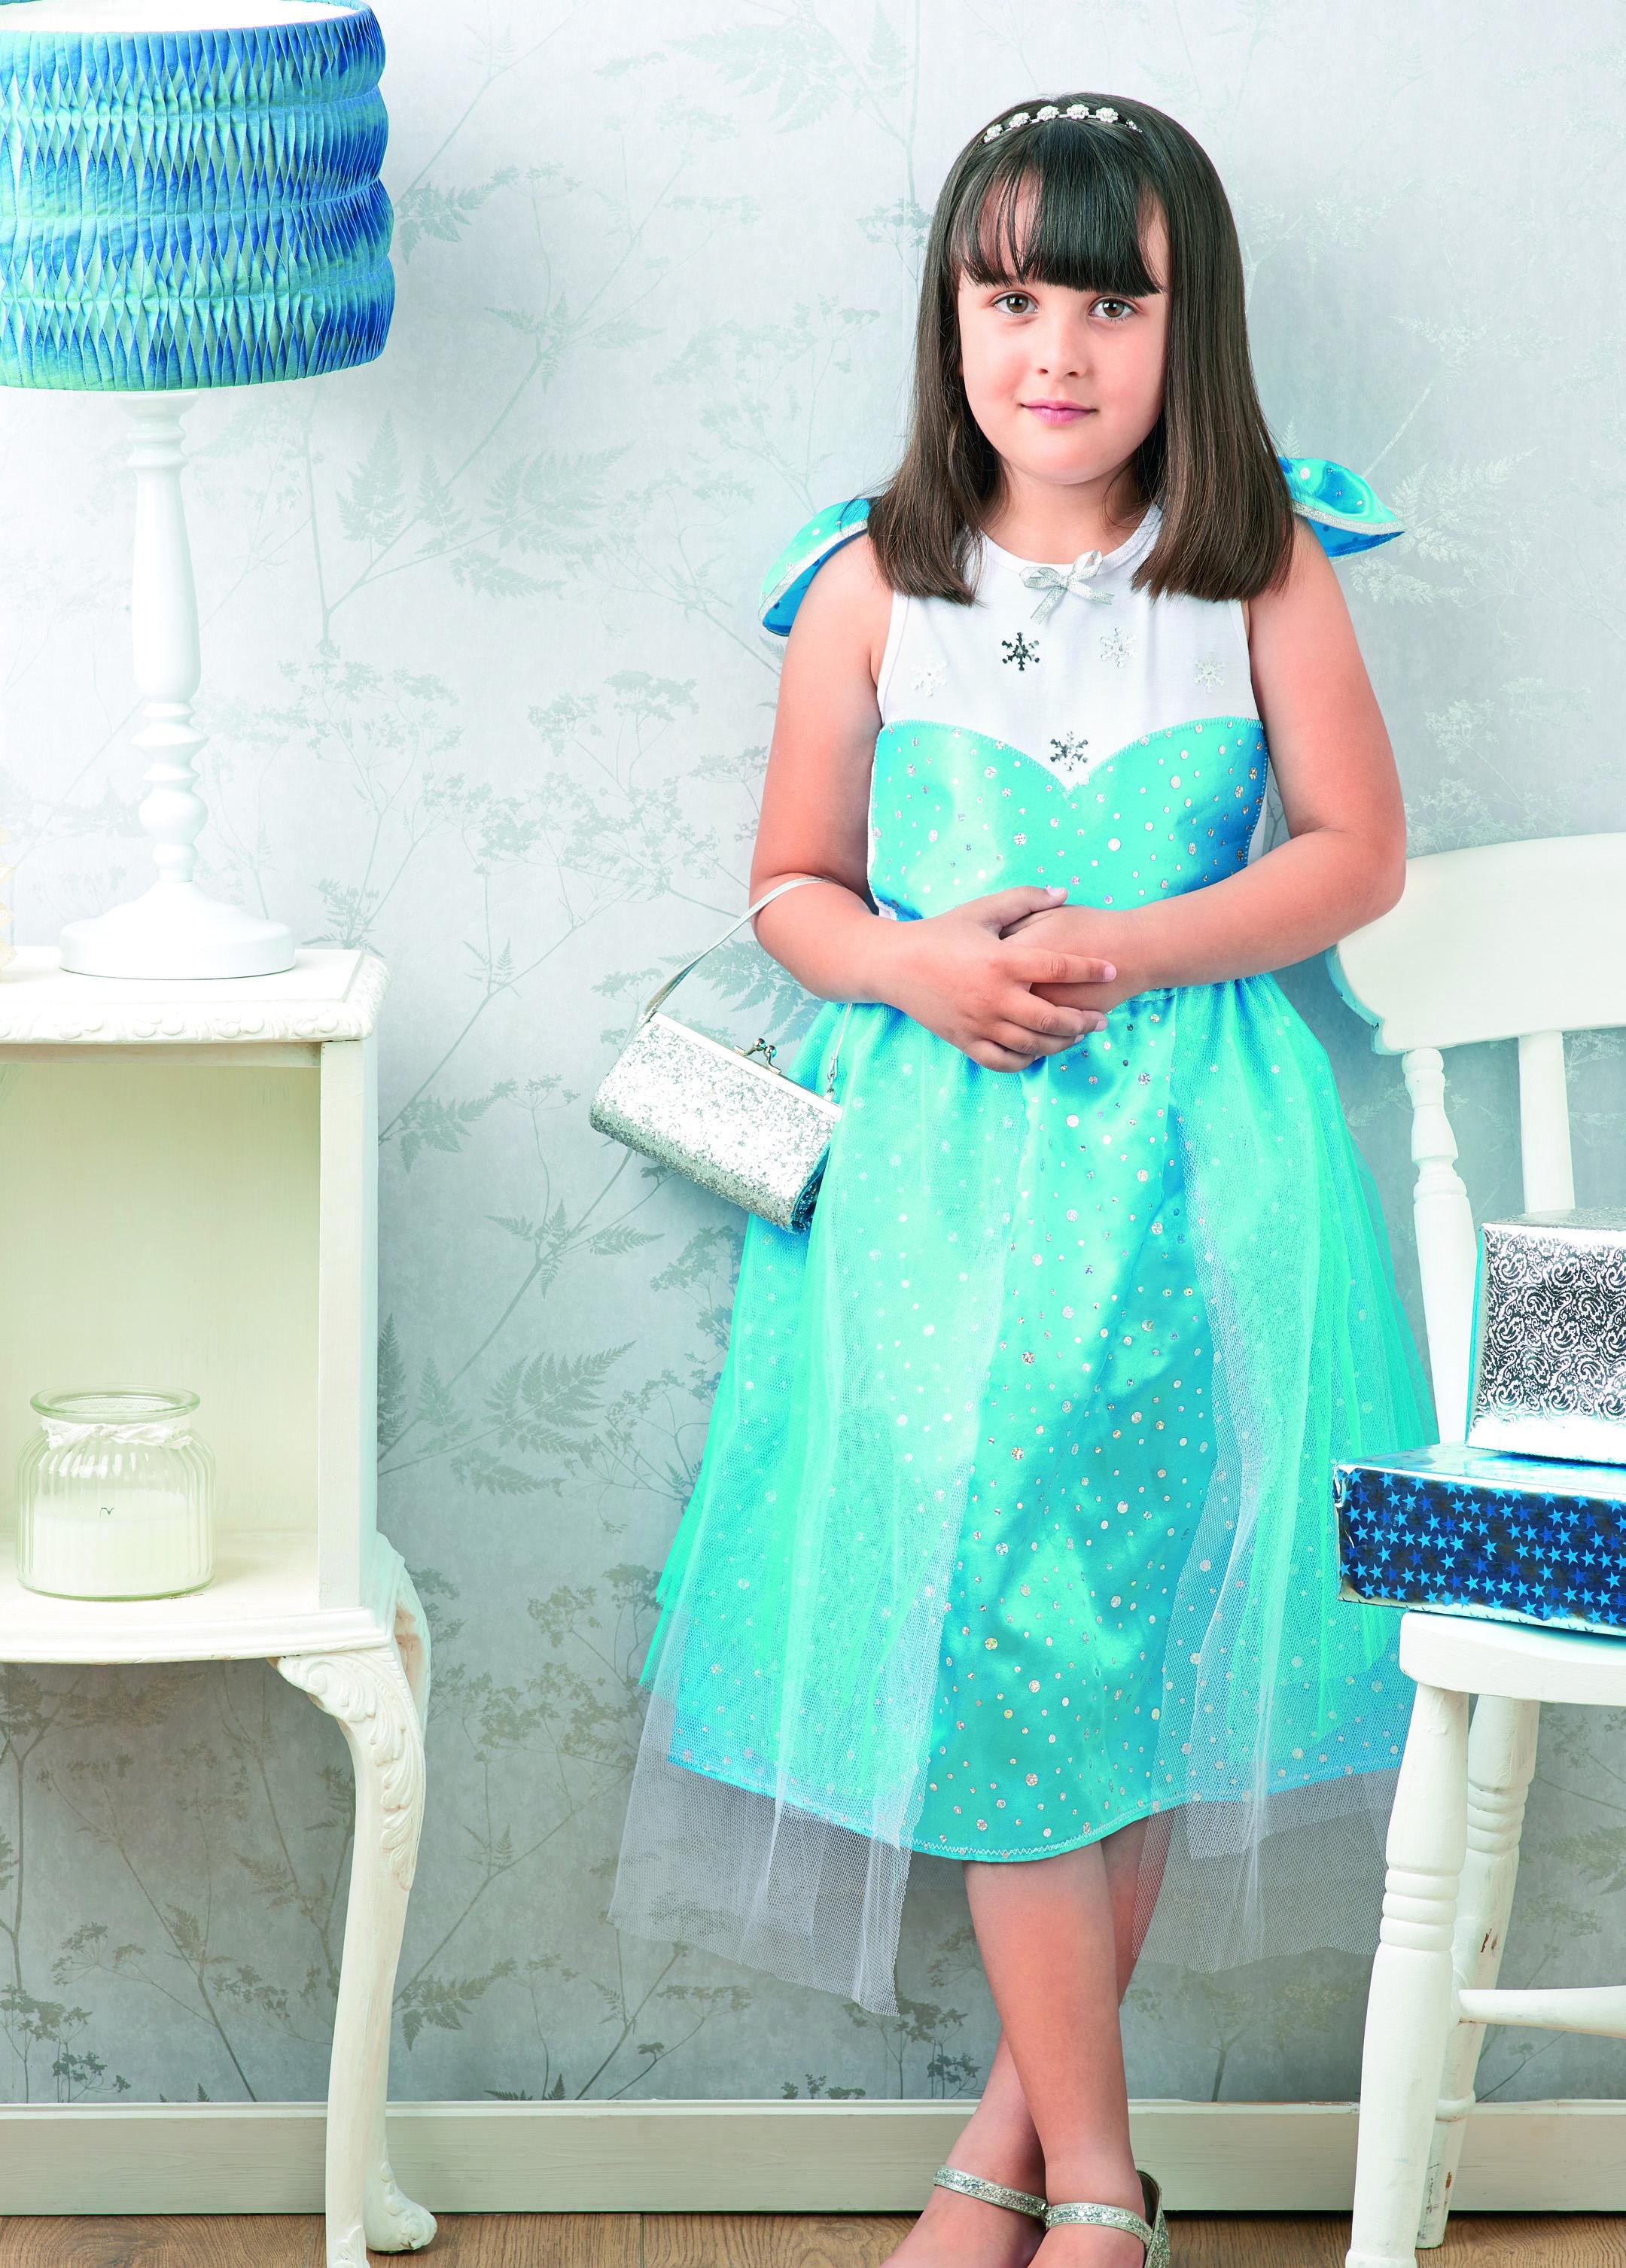 Princess Costume Dress - Free sewing patterns - Sew Magazine